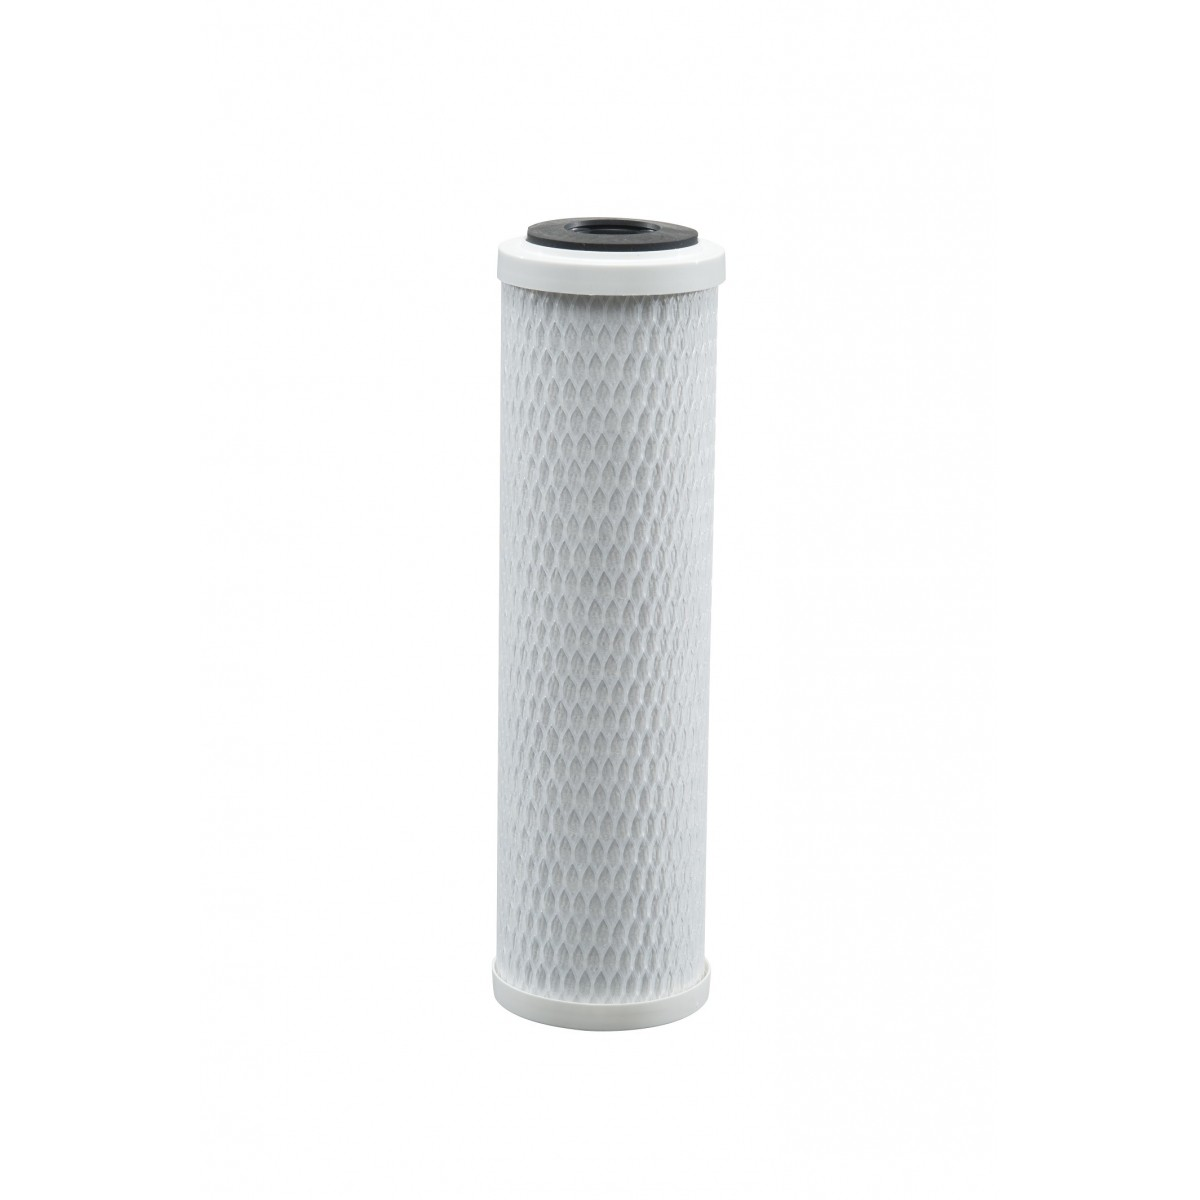 Filtro Duplo para fabricação de cachaça artesanal - Transparente - FD 10 TR CH